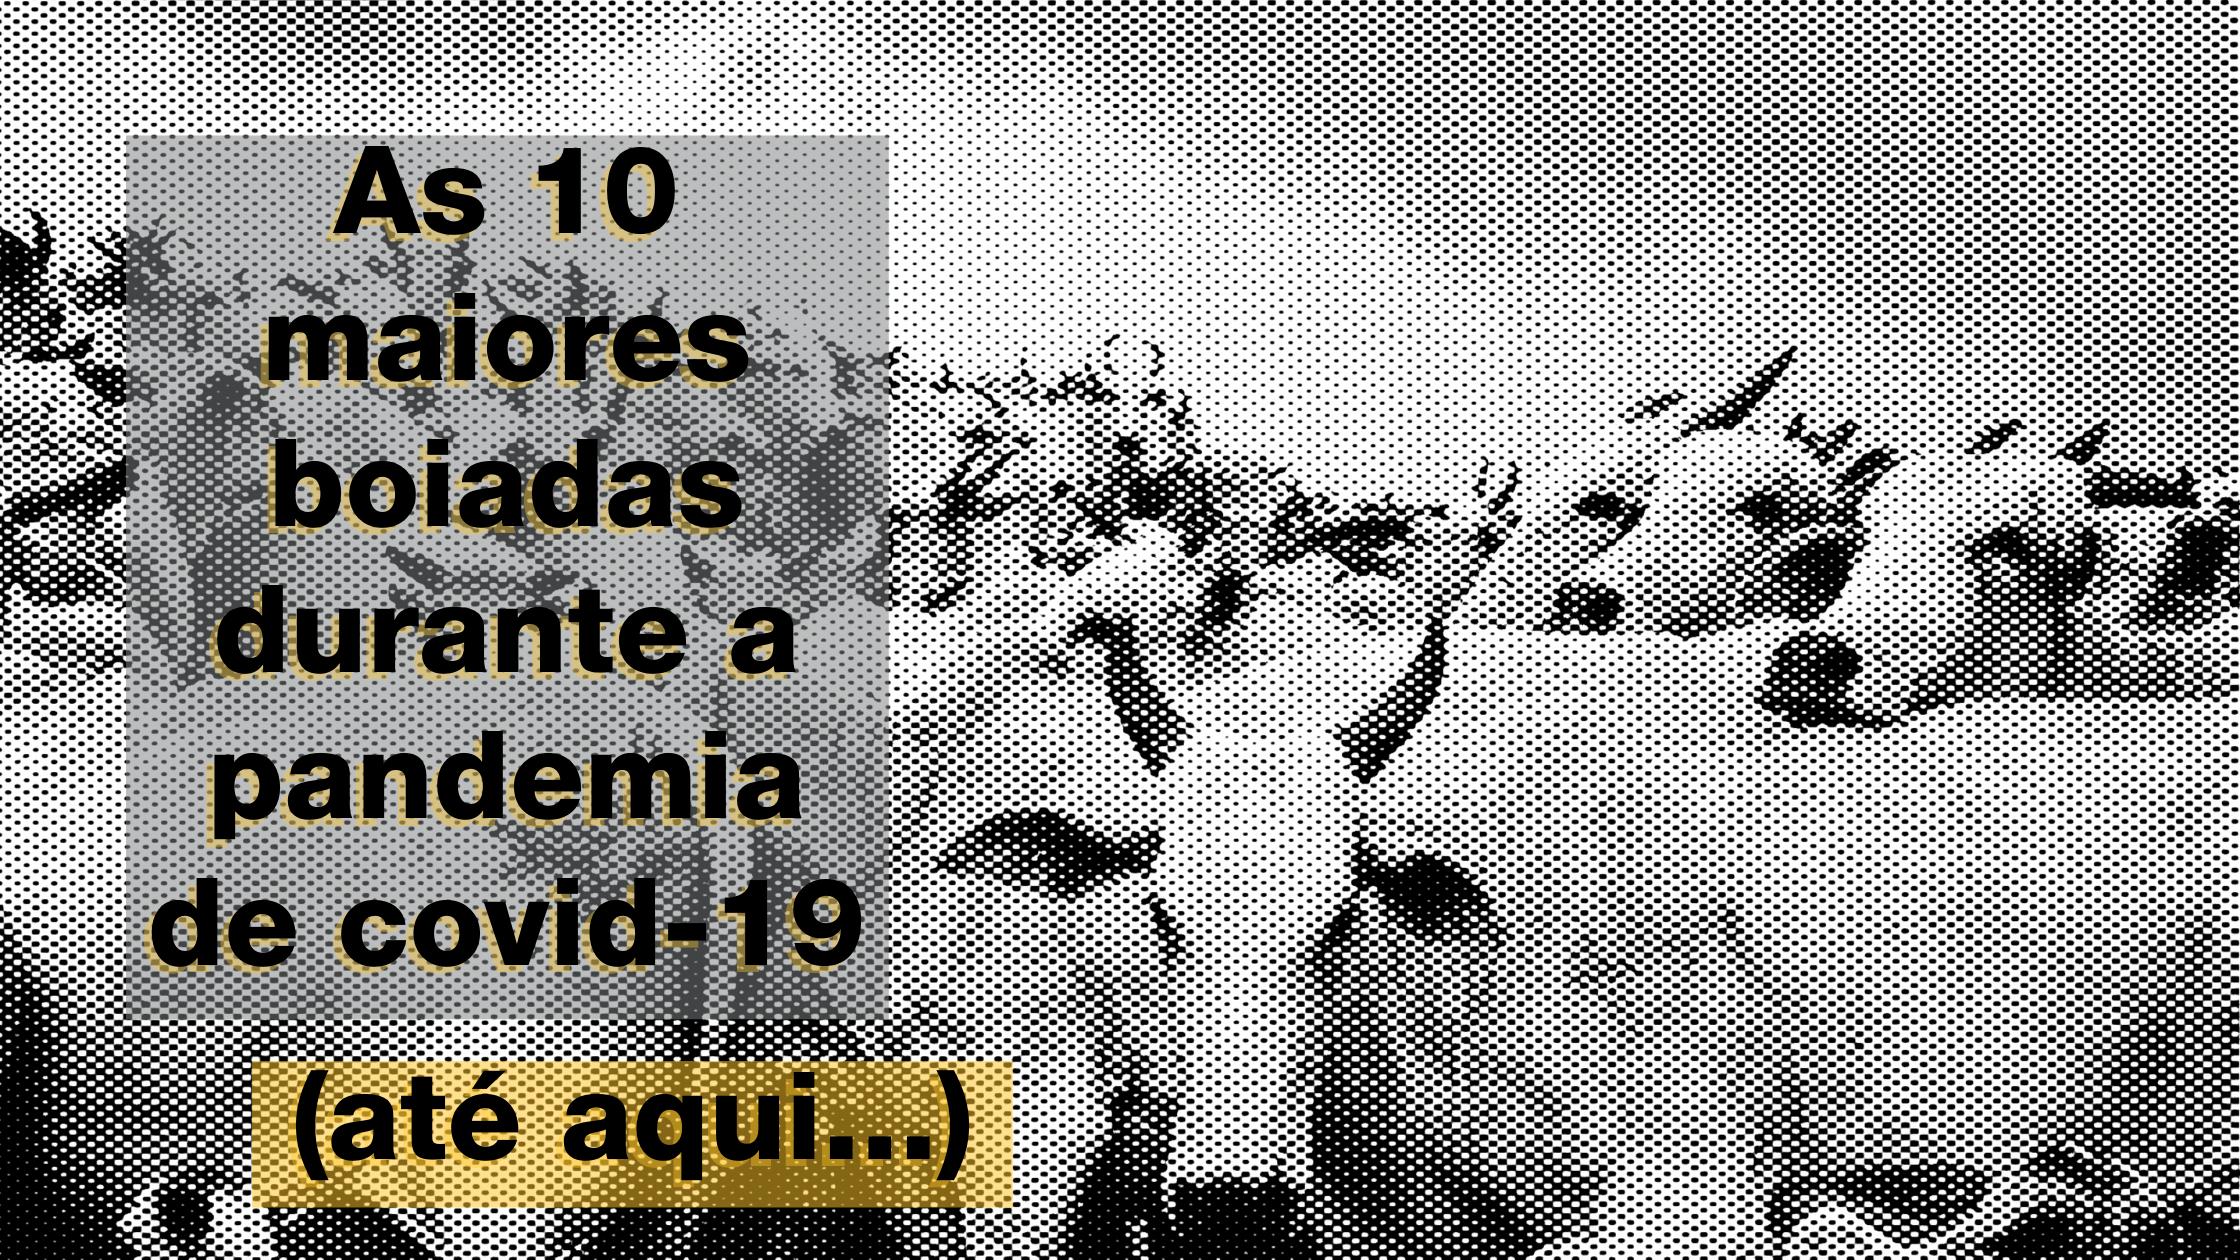 Montagem com foto de bois e texto: As 10 maiores boiadas durante a pandemia de covid-19 (até aqui...)